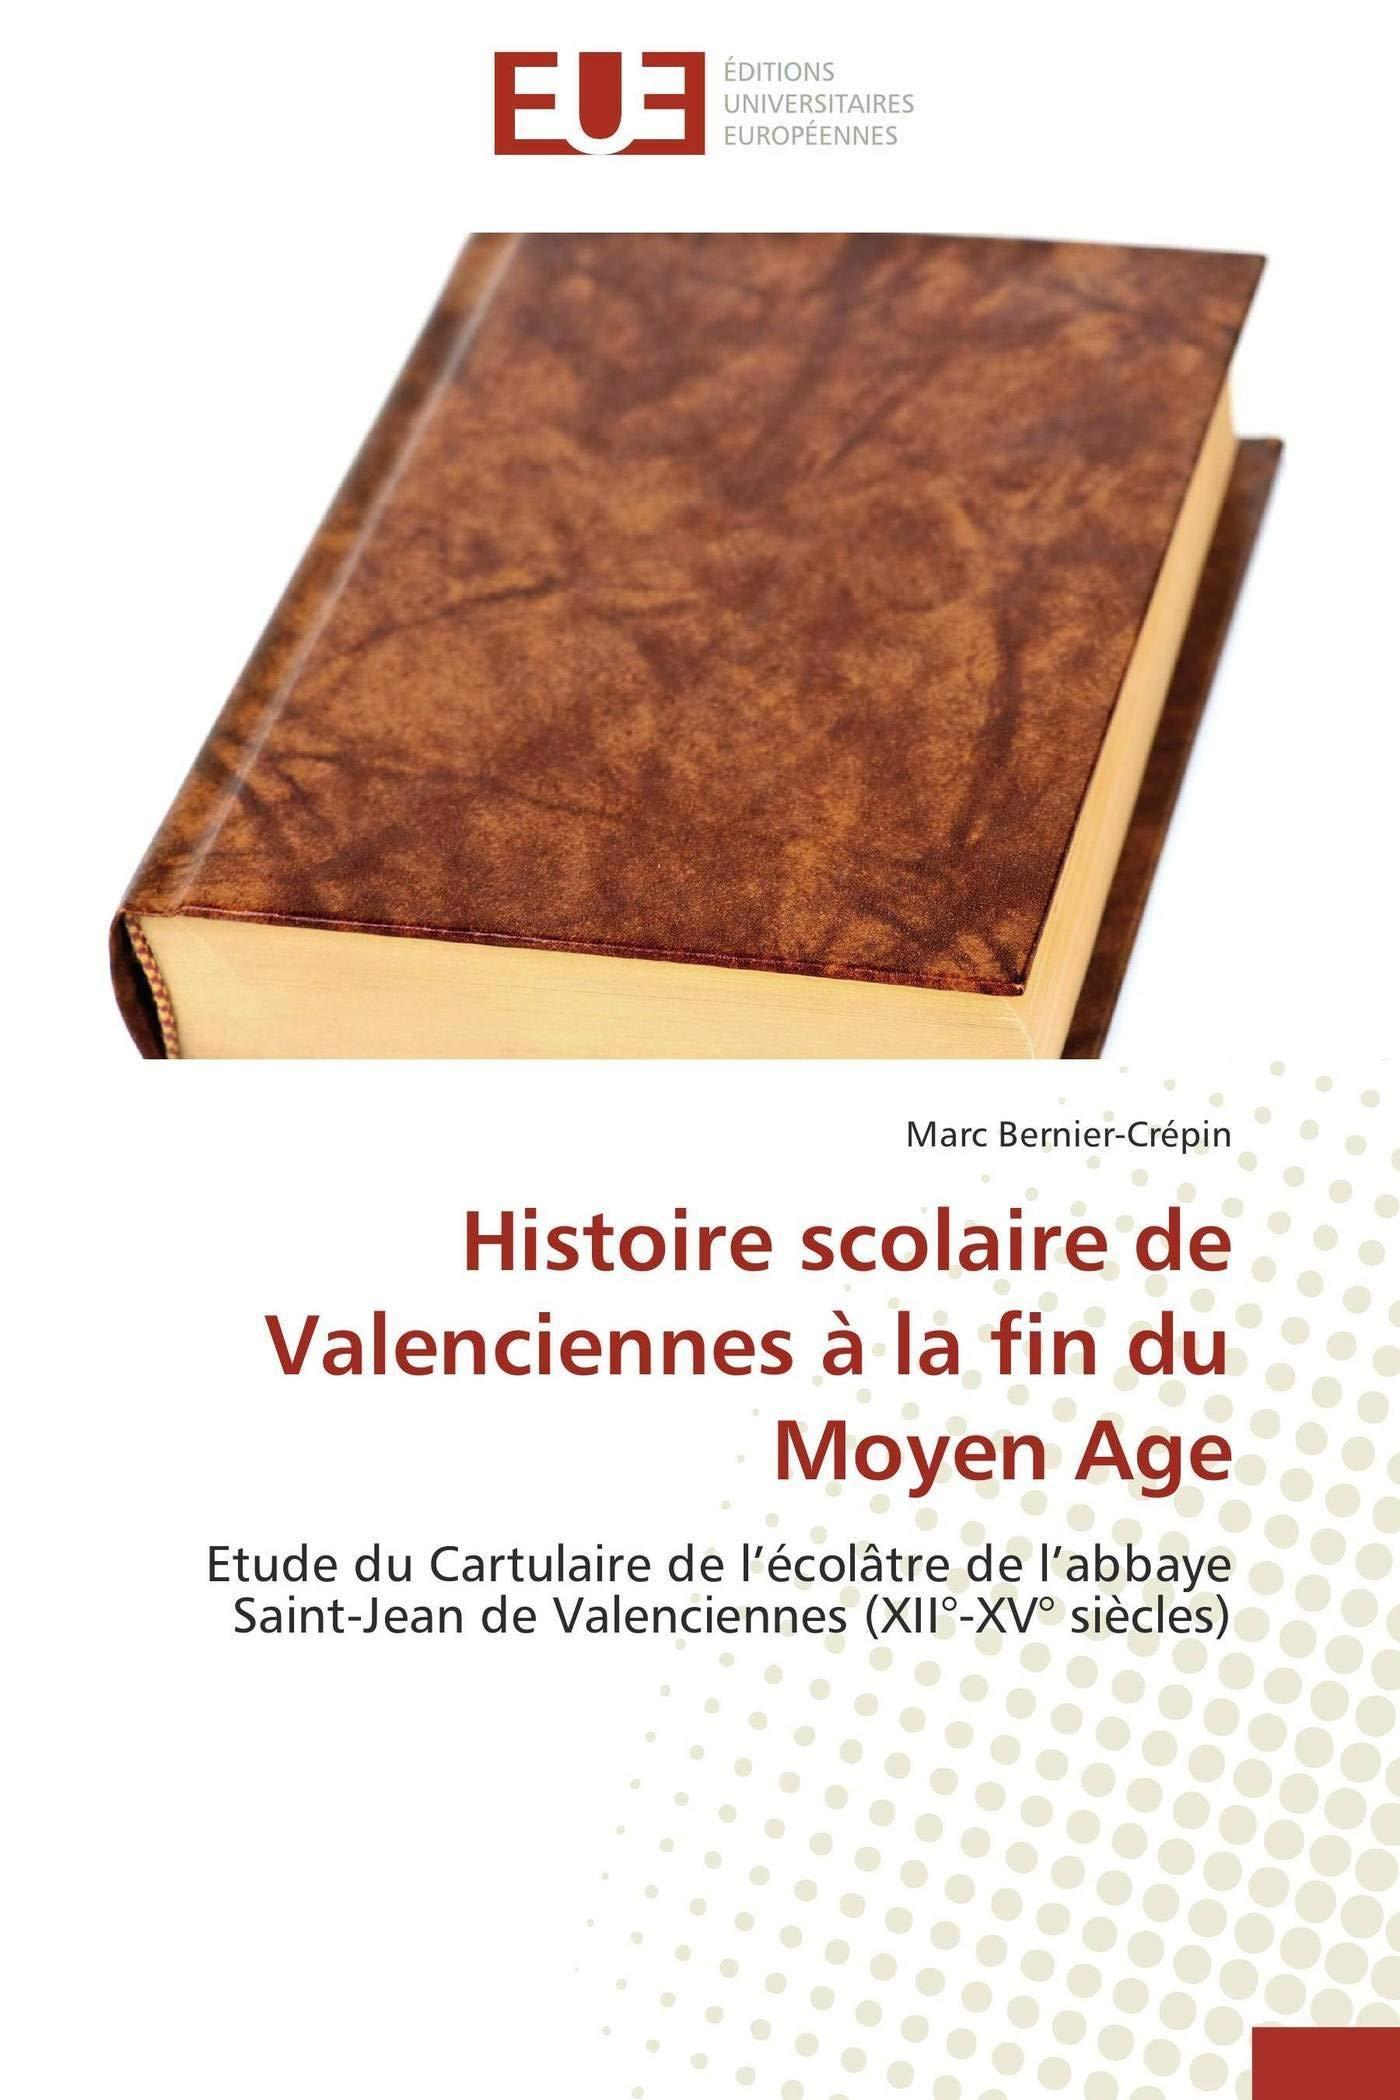 Download Histoire scolaire de Valenciennes à la fin du Moyen Age: Etude du Cartulaire de l'écolâtre de l'abbaye Saint-Jean de Valenciennes (XII°-XV° siècles) (French Edition) PDF